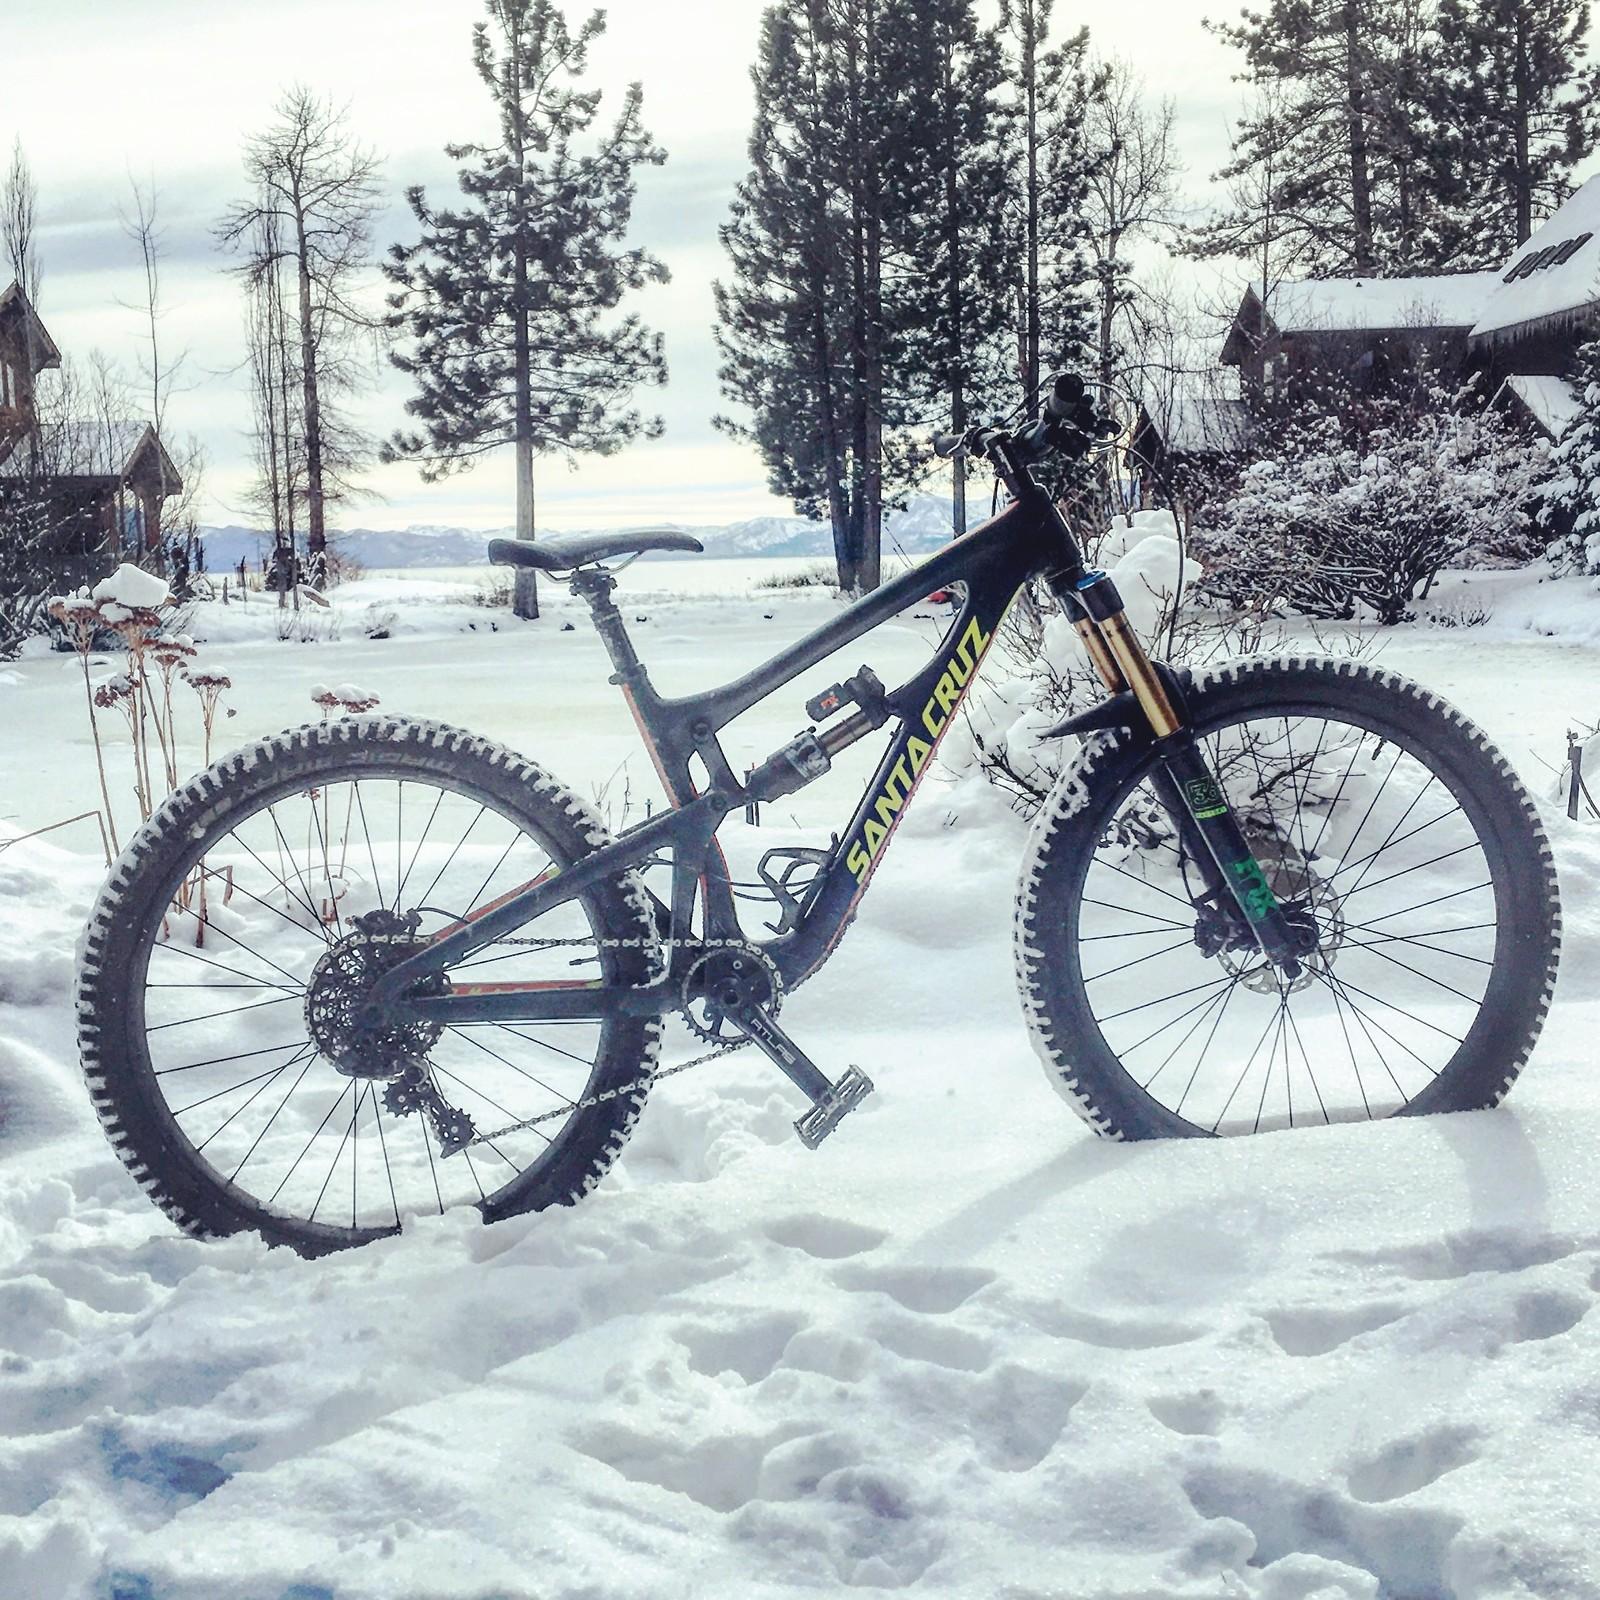 Santa Cruz Snowmad